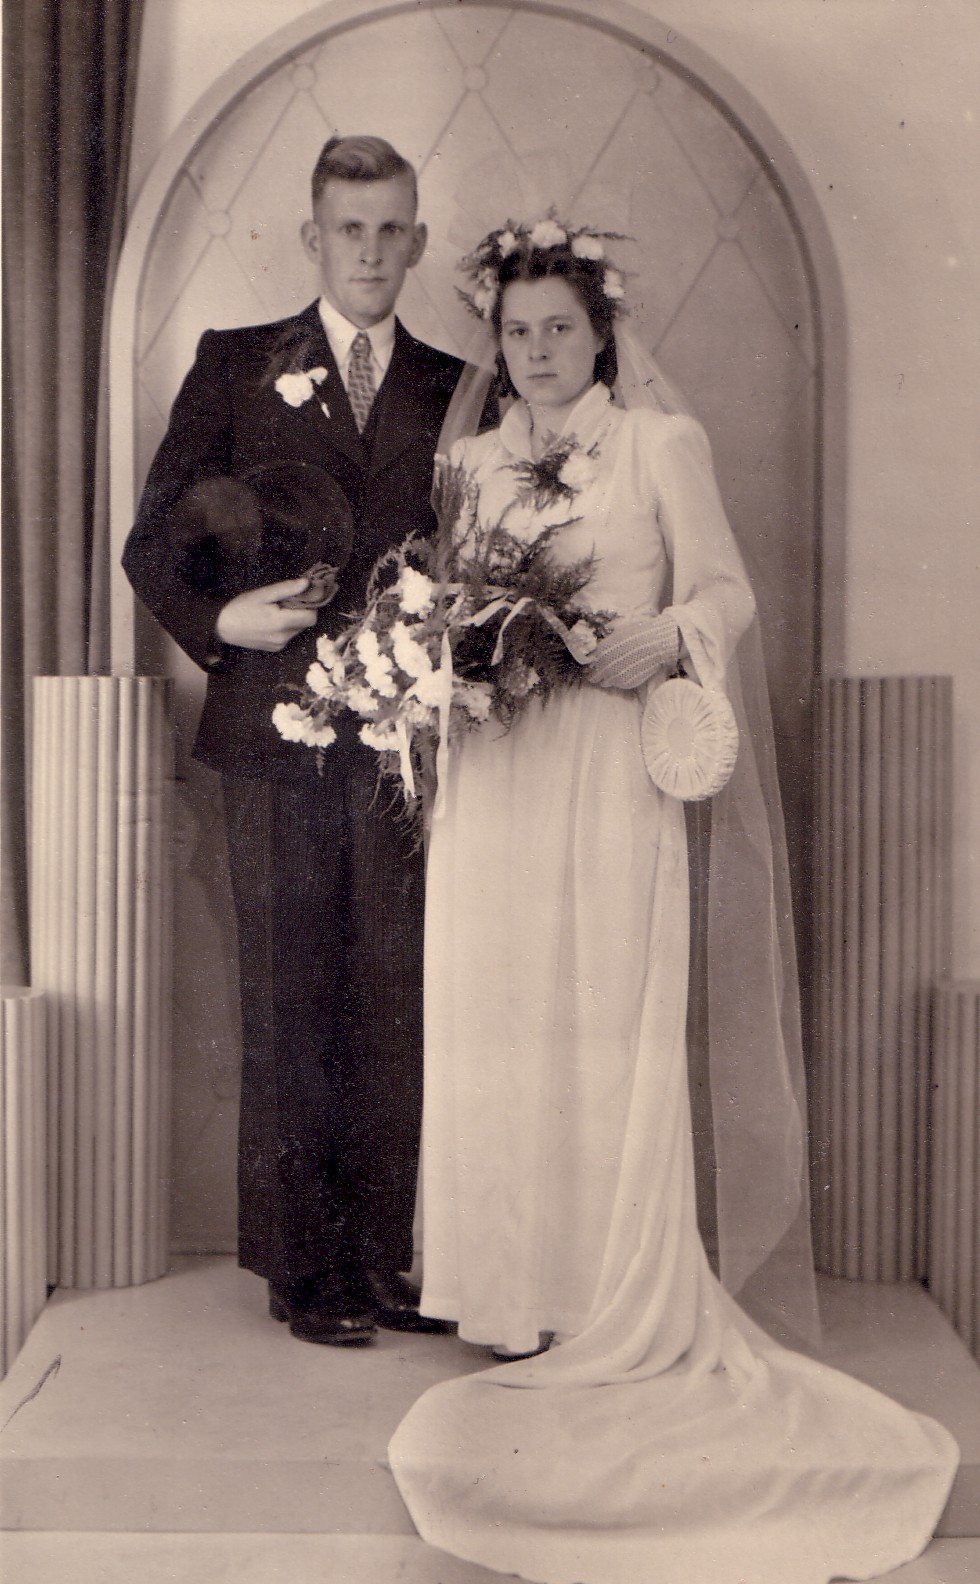 Huwelijk Arij M. Keijzer en Clazina M. Snoey (1947)